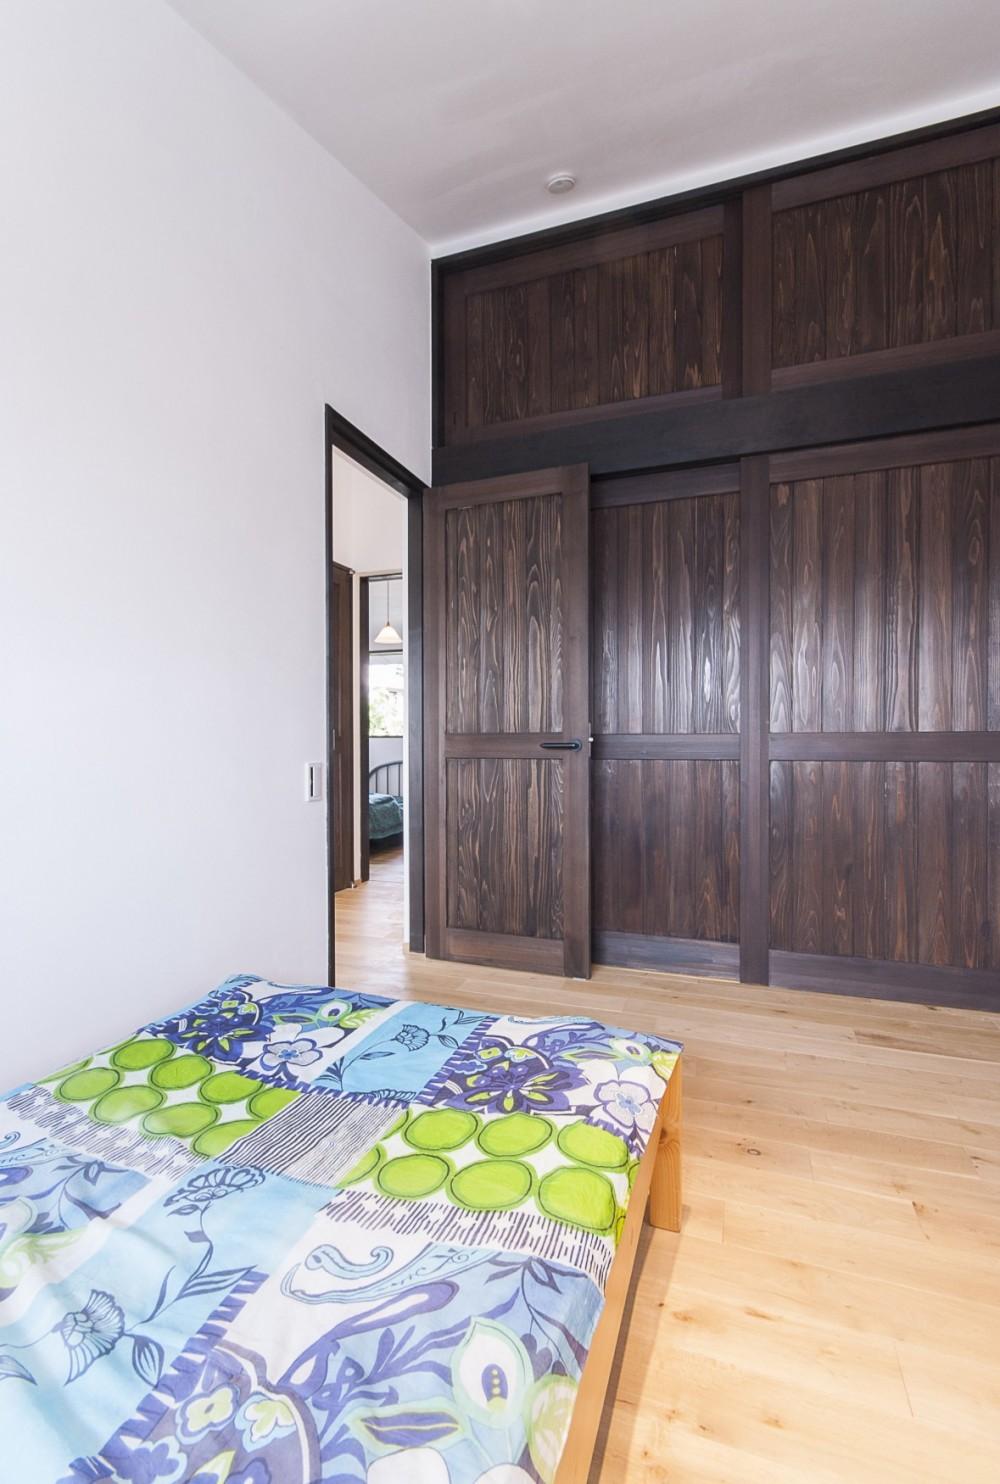 アレルギー反応を持つ子供が住むための和モダン住宅/美しい空気の家 (寝室)